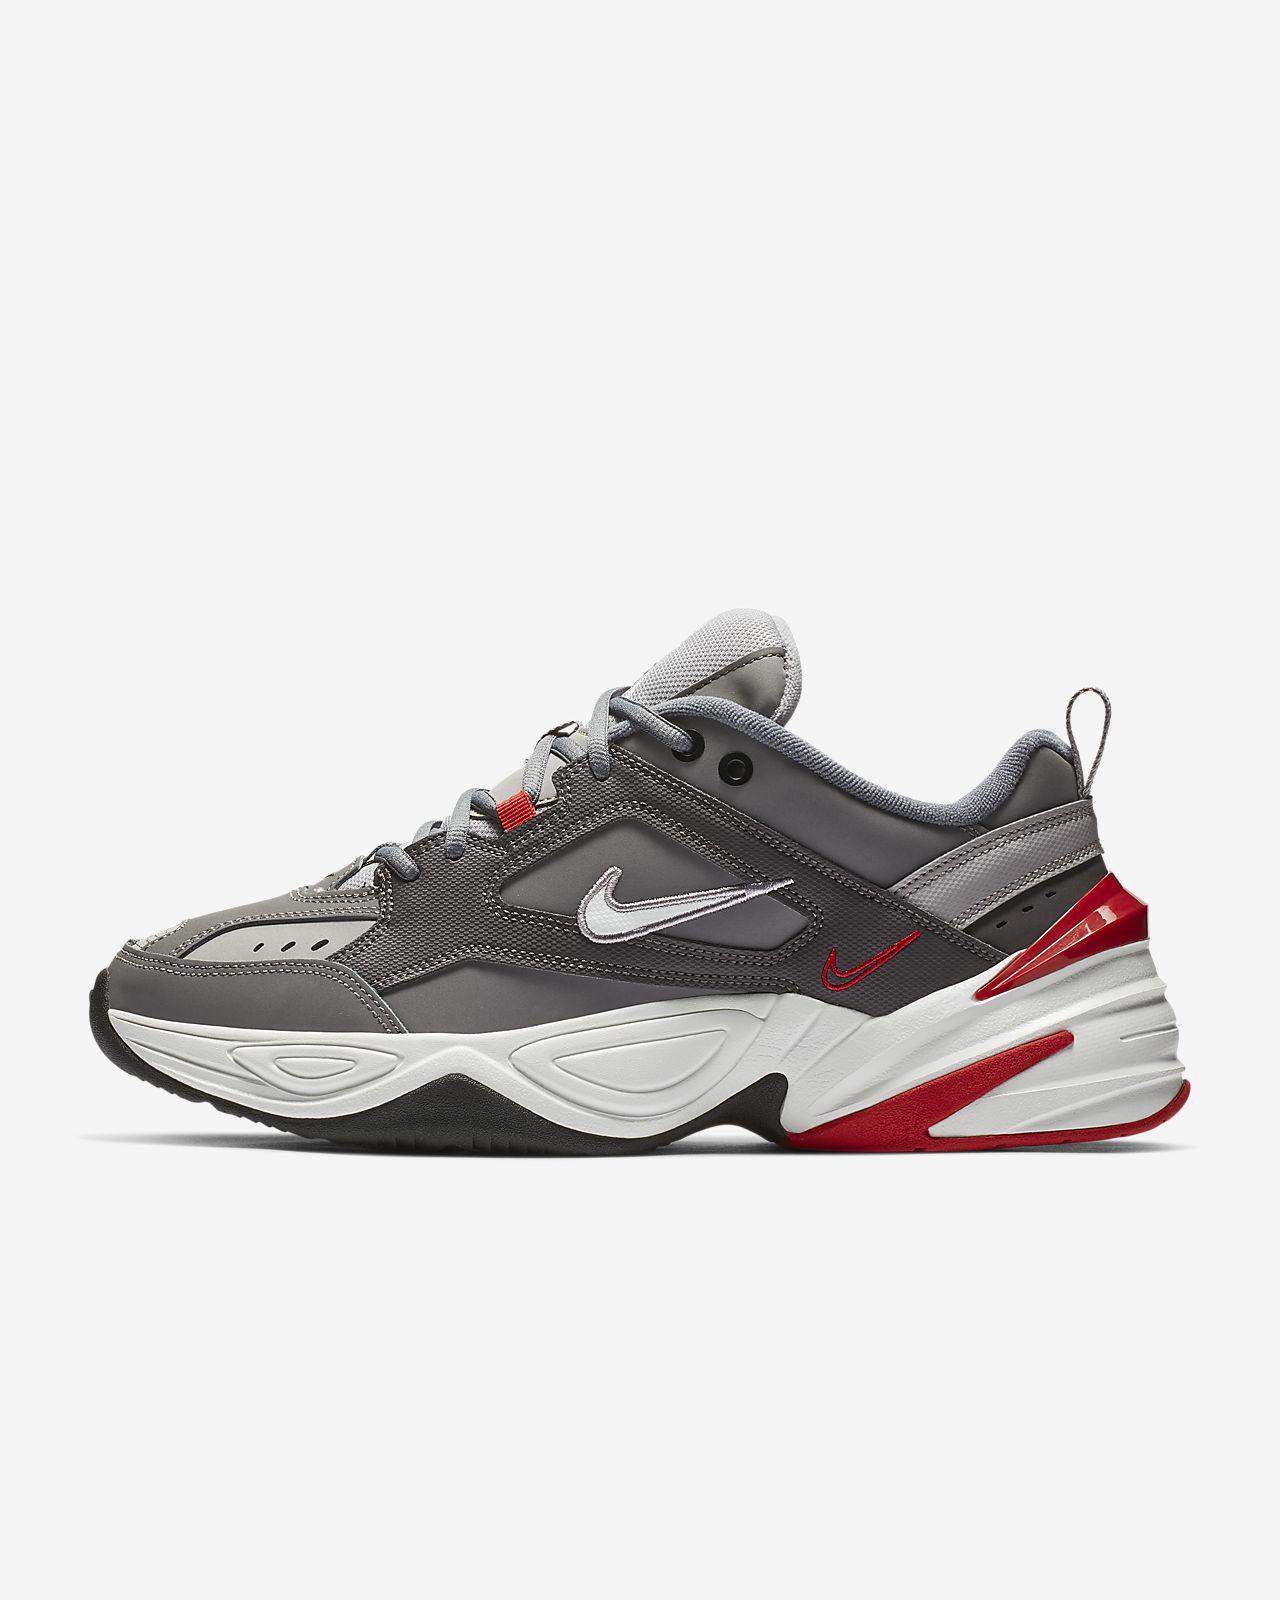 3c70800a70fbd Nike M2K Tekno Men s Shoe. Nike.com